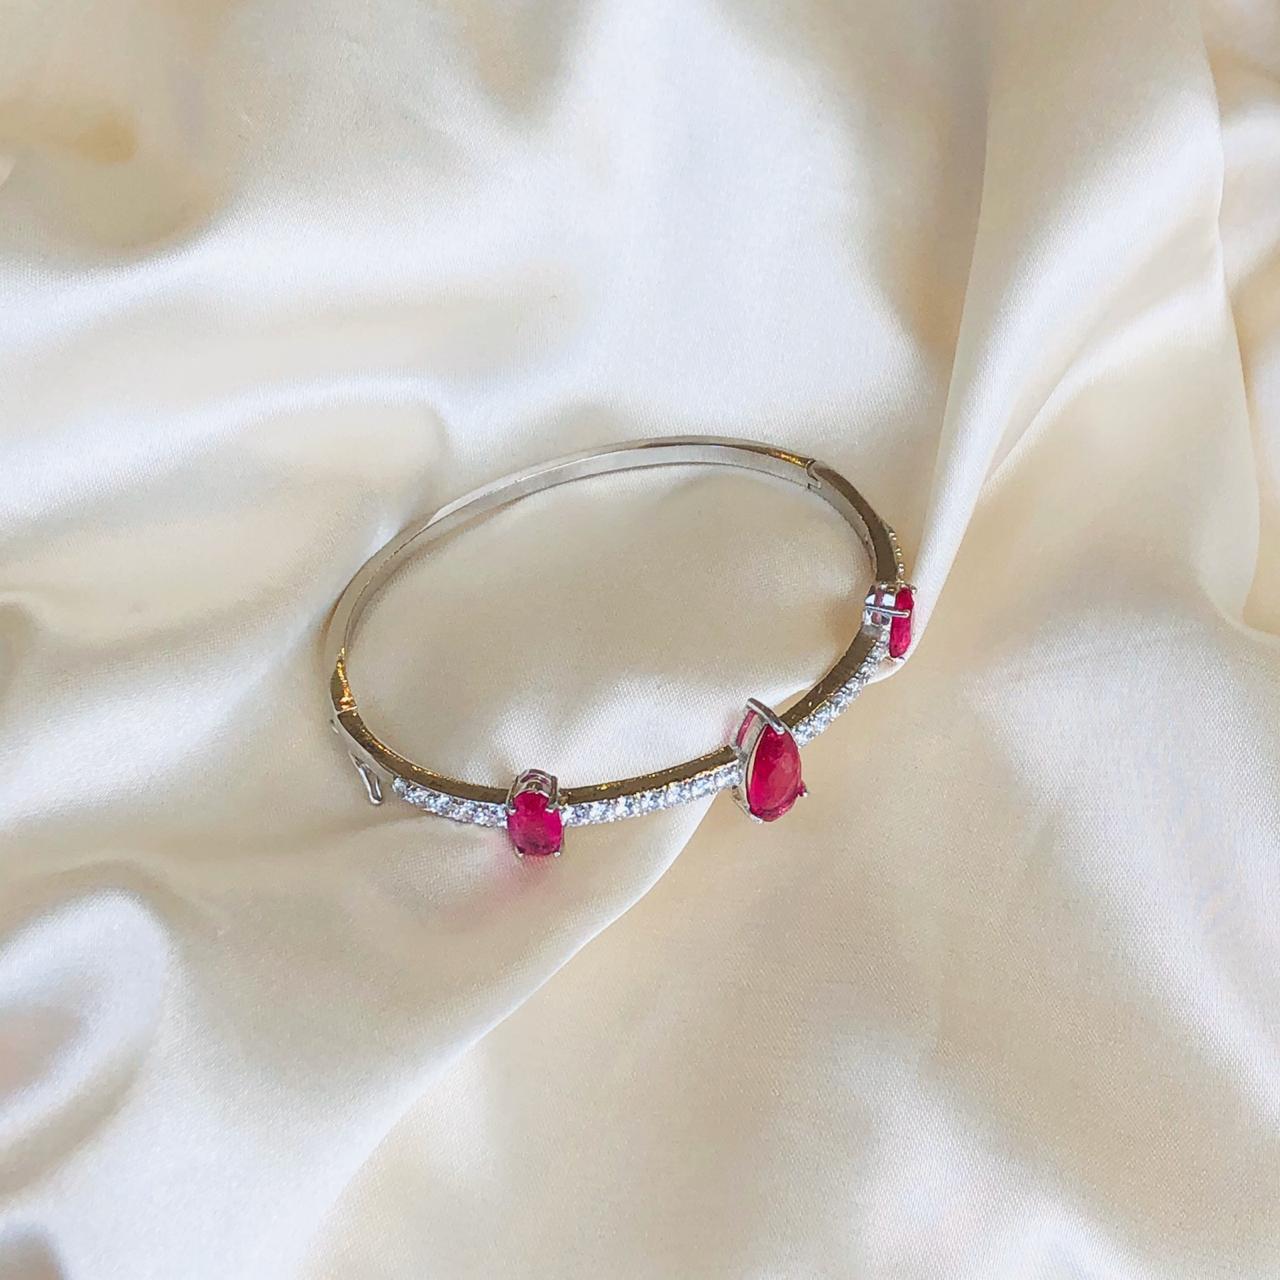 Bracelete com Gota Fusion Rubelita e Cravejado de Zirconias Cristal Banhada em Ródio Branco